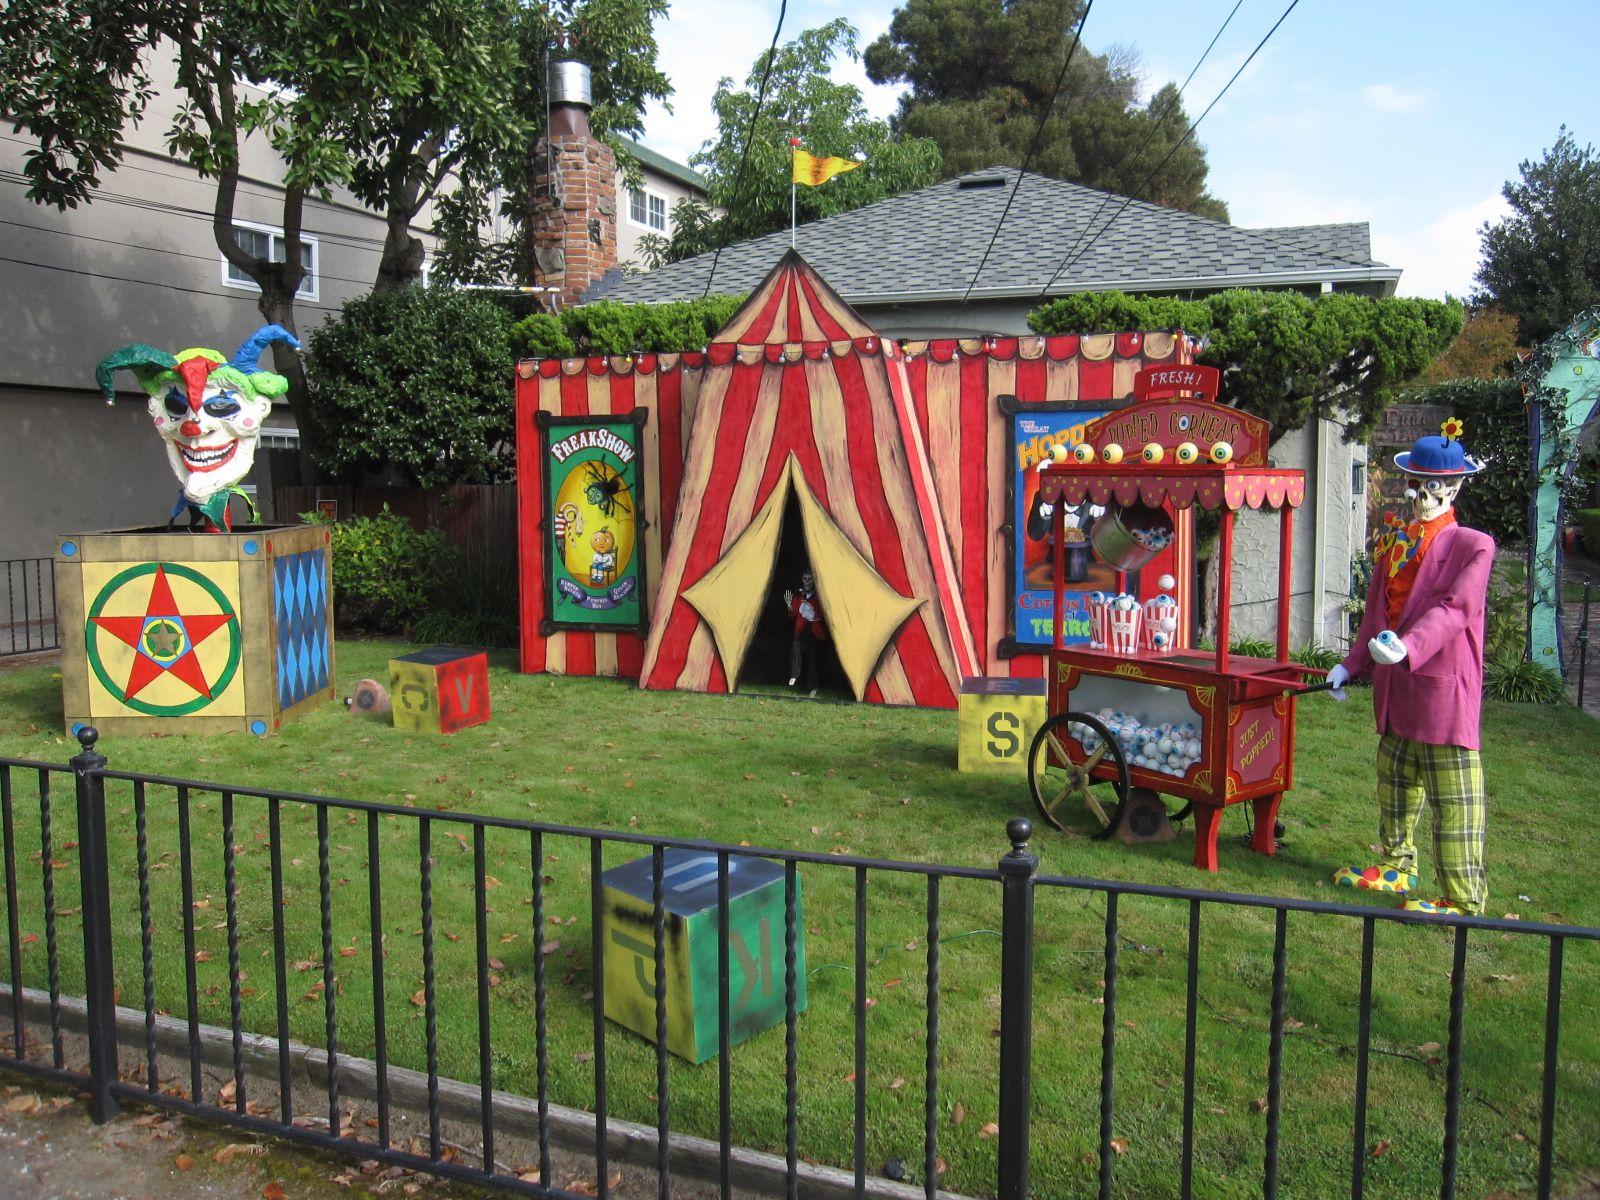 Halloween Scarecrow Yard Display Halloween Yard Displays Clown